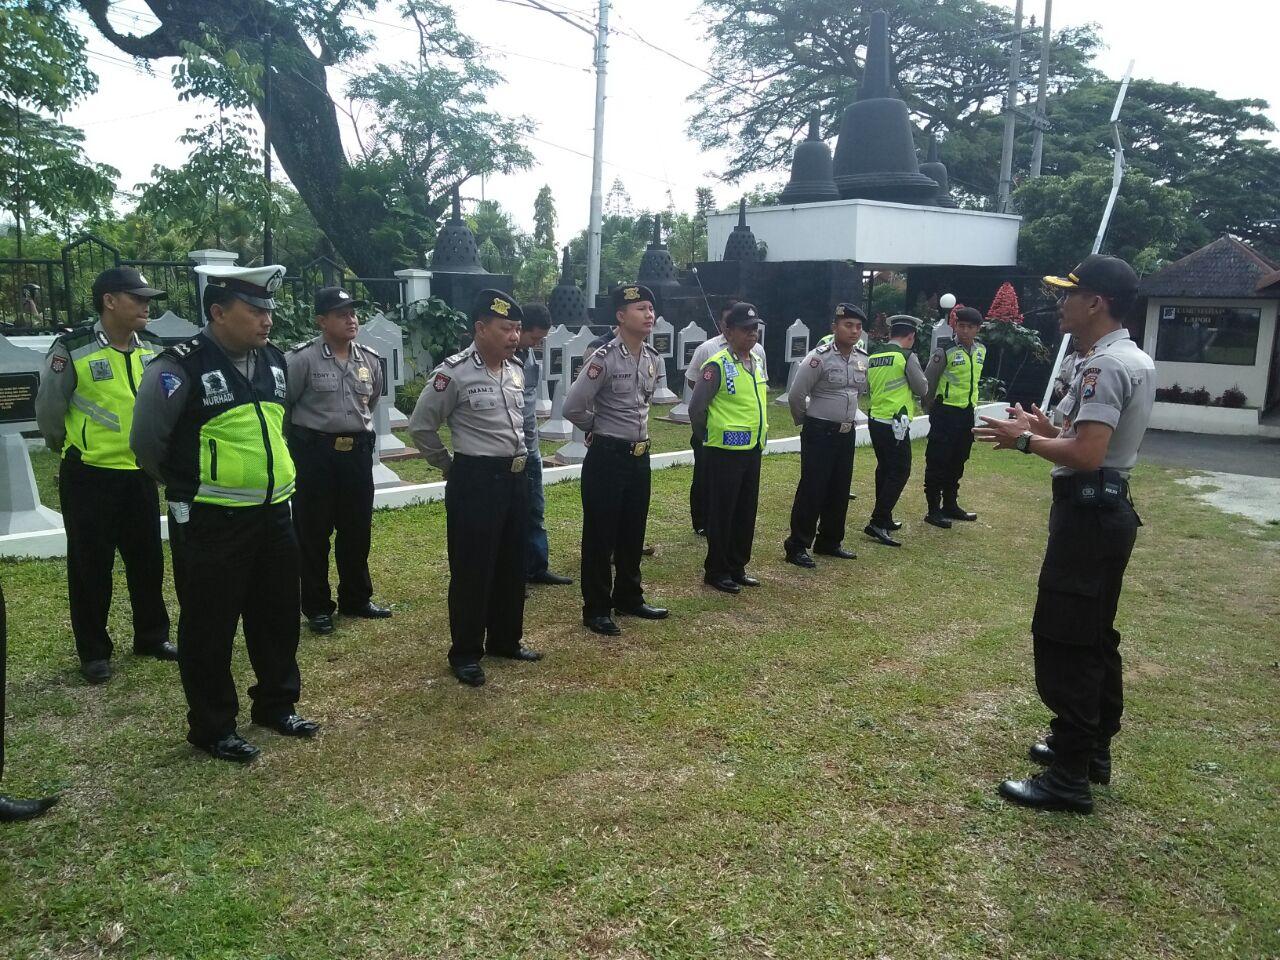 Anggota Polres Batu Ikut Melaksanakan Pengamanan Kegiatan Kirab Tumpeng Pendem, Kota Wisata Batu